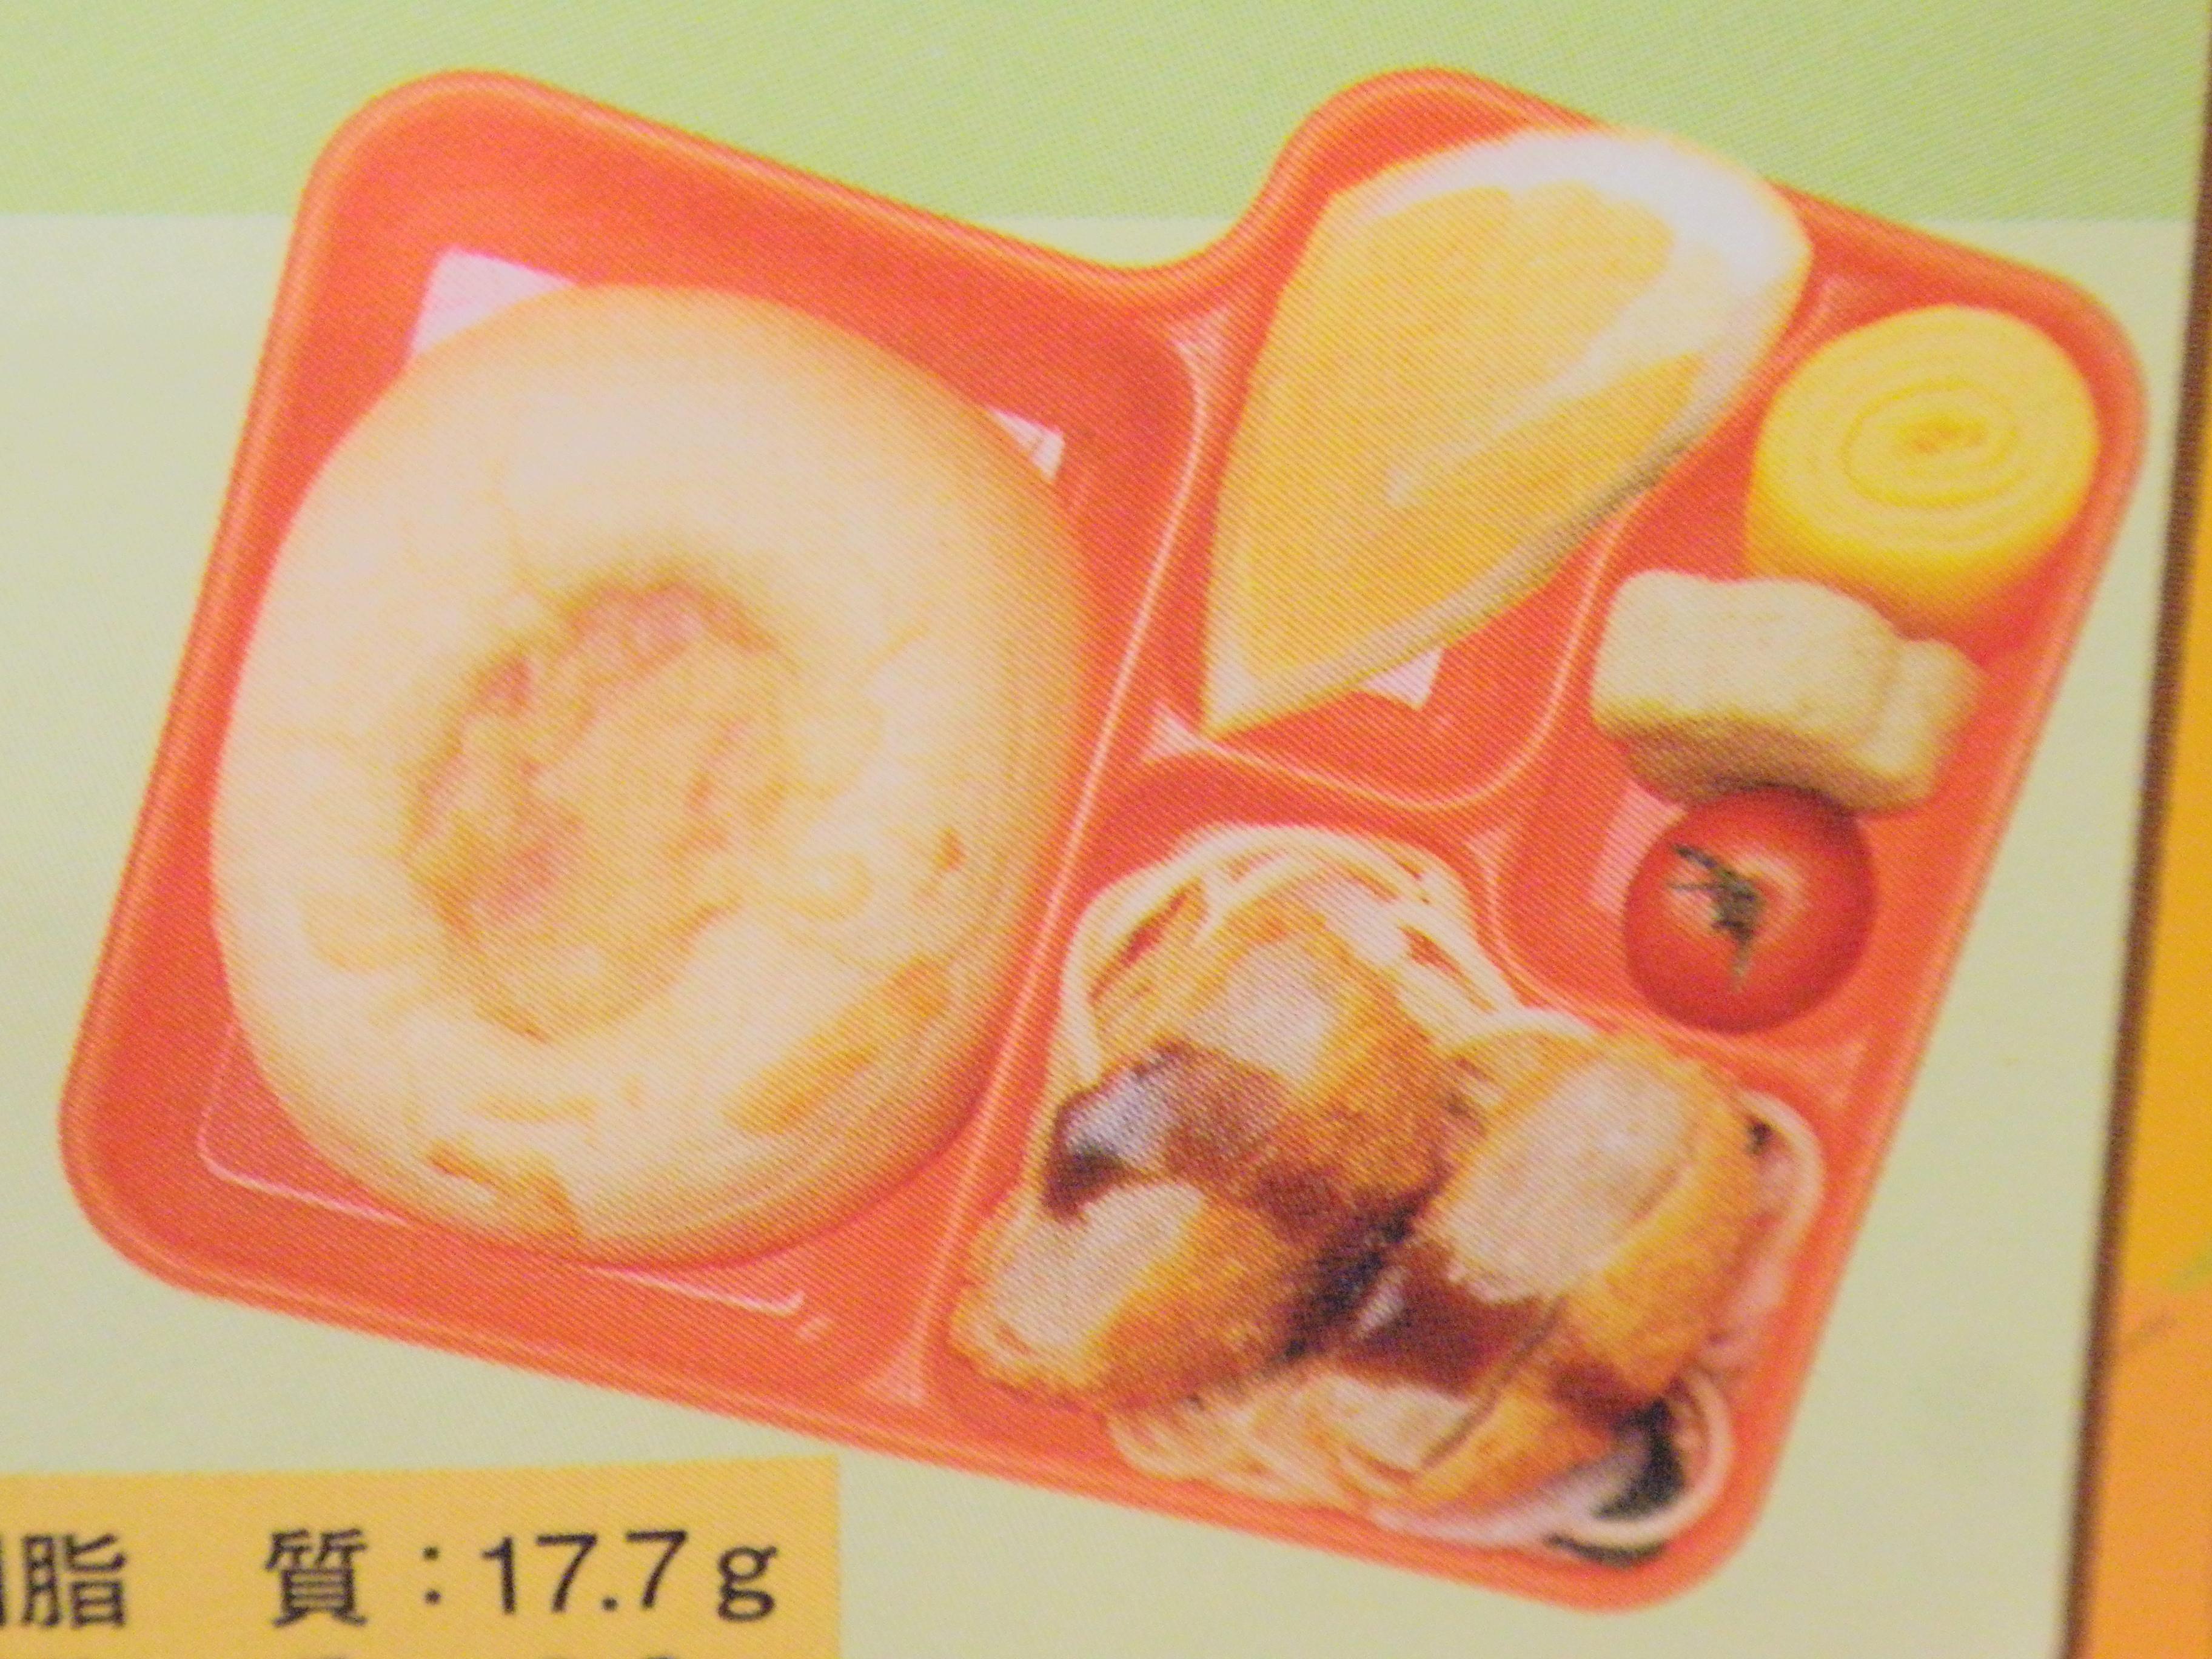 10月29日・31日の幼稚園外部給食弁当